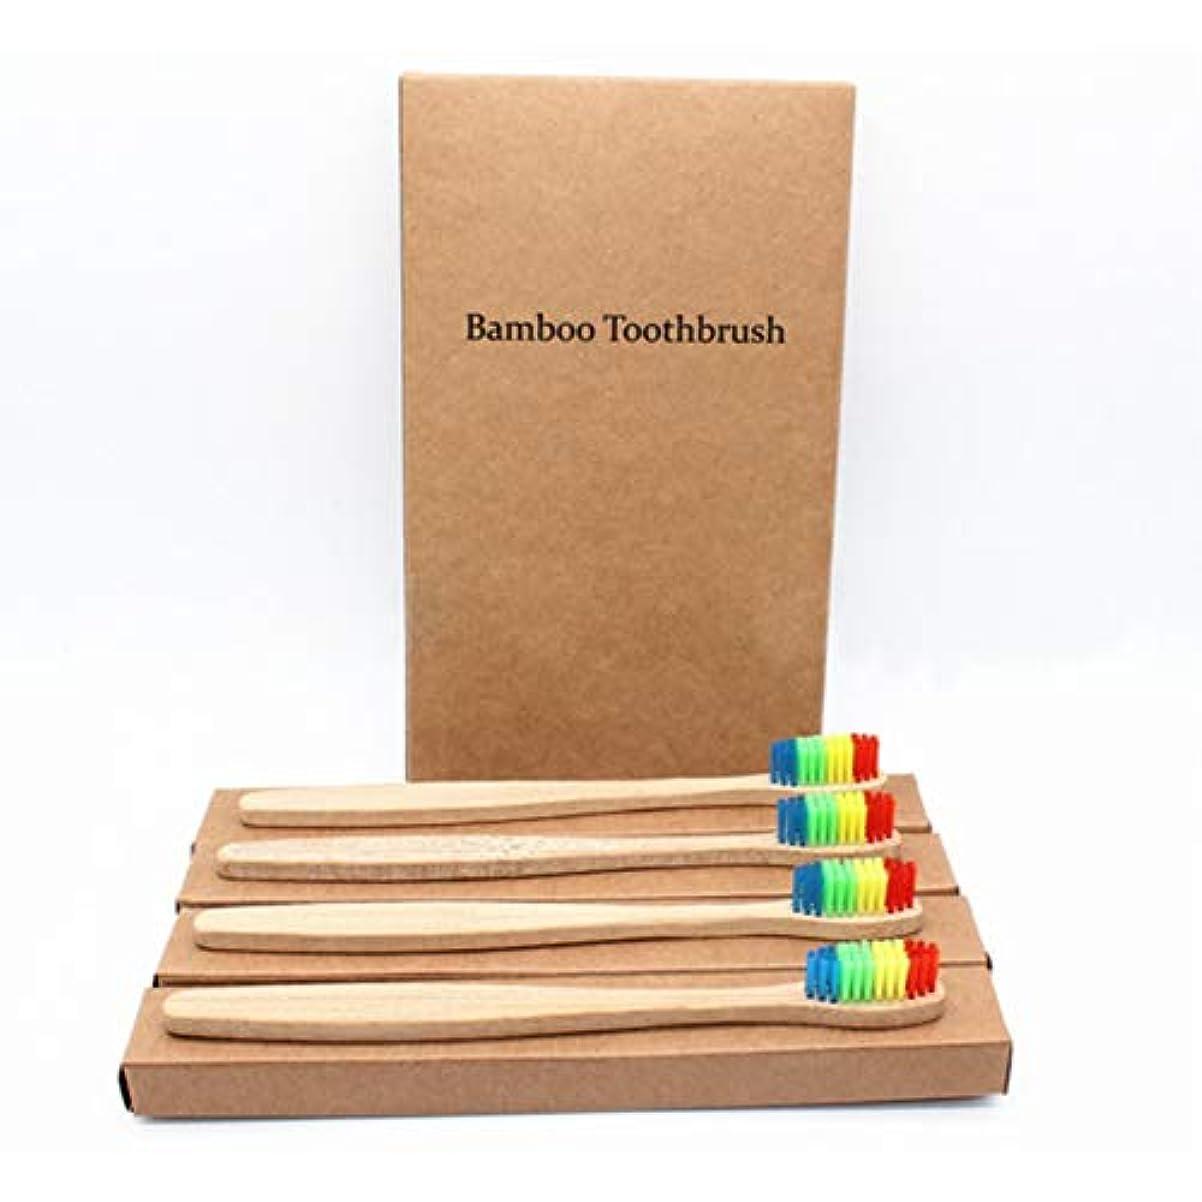 啓示に勝るディベートSelltoJP [4 PCS] カラフルな剛毛ヘッド竹歯ブラシ自然のために良い健康的な木製の虹色のオーラルケアソフト剛毛 (Khaki)